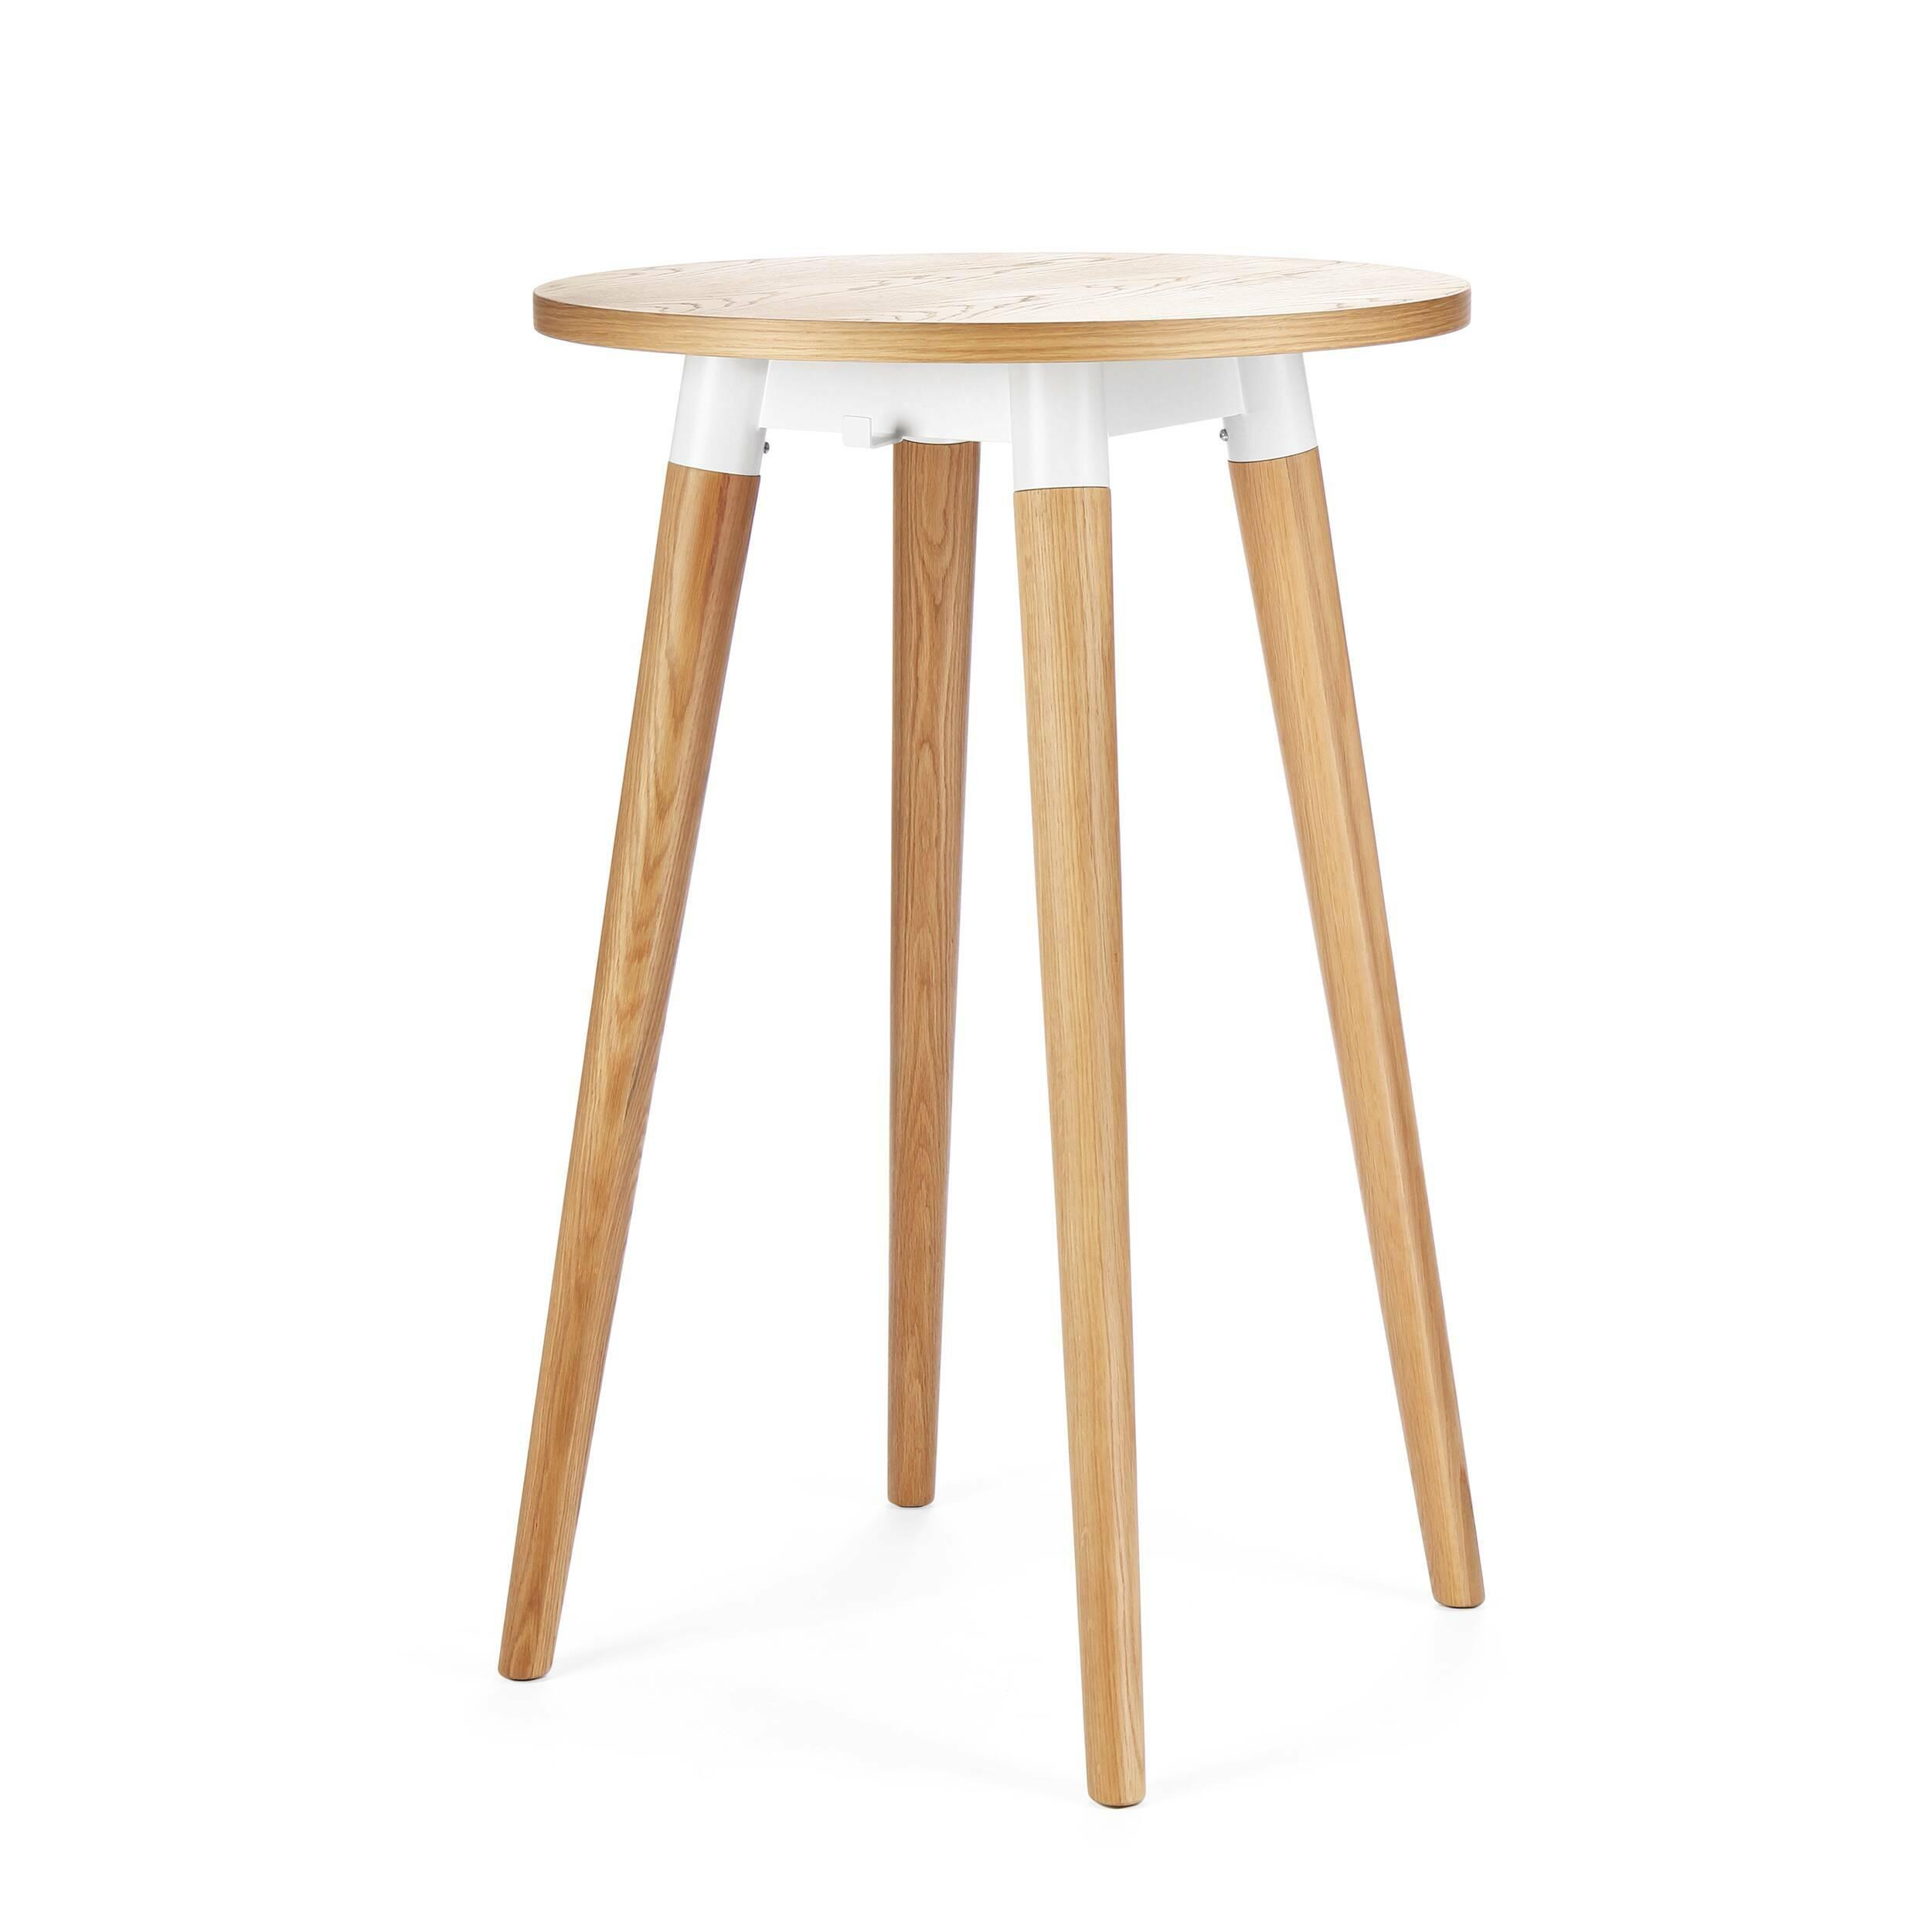 Барный стол CopineБарные<br>Дизайнерский высокий круглый стол Copine (Коупайн) из дуба от Cosmo (Космо).<br><br><br> Что означает минимализм в интерьере? Это прежде всего многофункциональная мебель, среди которой мы можем видеть лишь самую необходимую. Это позволяет обеспечить максимум пространства и воздуха, придает помещению легкость и впускает в него больше света. Именно такие задачи относительно обстановки комнаты у представленного здесь стола.<br><br><br> Барный стол Copine — разработка американского дизайнера Шона Дикса и ...<br><br>stock: 17<br>Высота: 105<br>Диаметр: 70<br>Цвет ножек: Светло-коричневый<br>Цвет столешницы: Светло-коричневый<br>Материал ножек: Массив дуба<br>Материал столешницы: Фанера, шпон дуба<br>Тип материала каркаса: Сталь<br>Тип материала столешницы: Дерево<br>Тип материала ножек: Дерево<br>Цвет каркаса: Белый